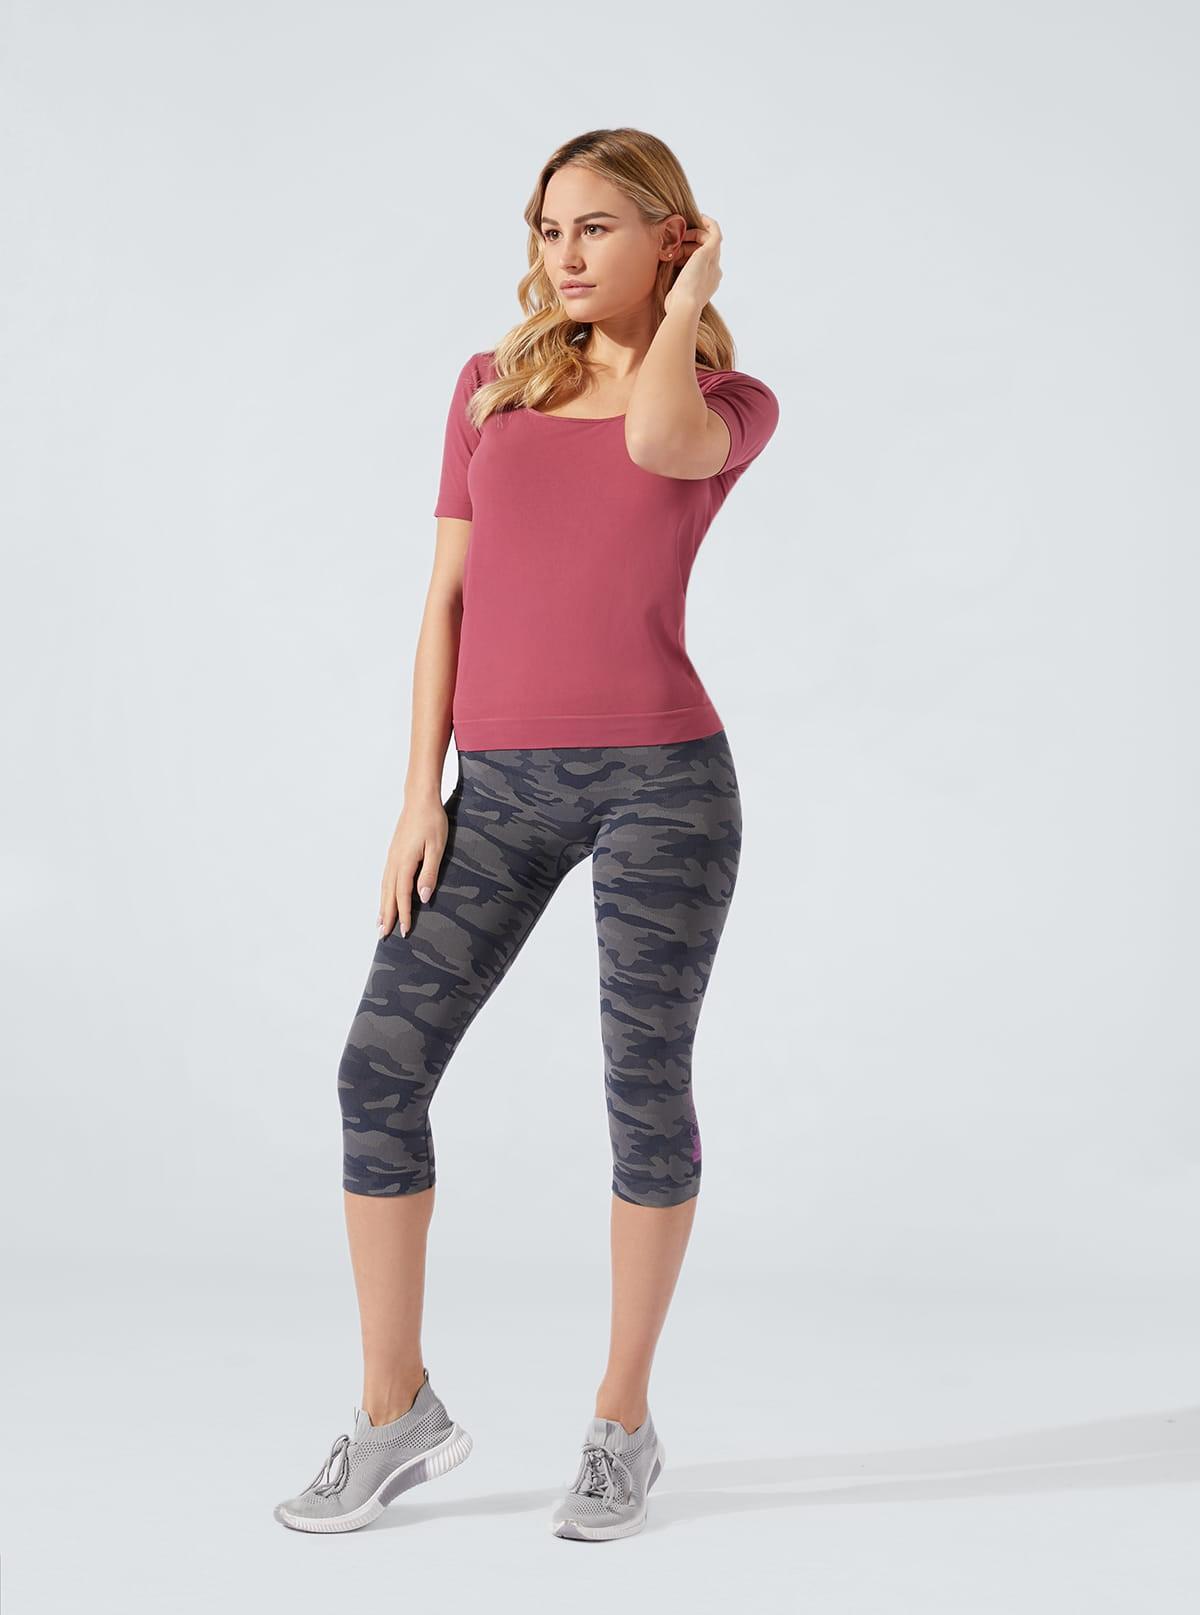 Traje deportivo para mujer: Camiseta comoda + Capri camuflaje